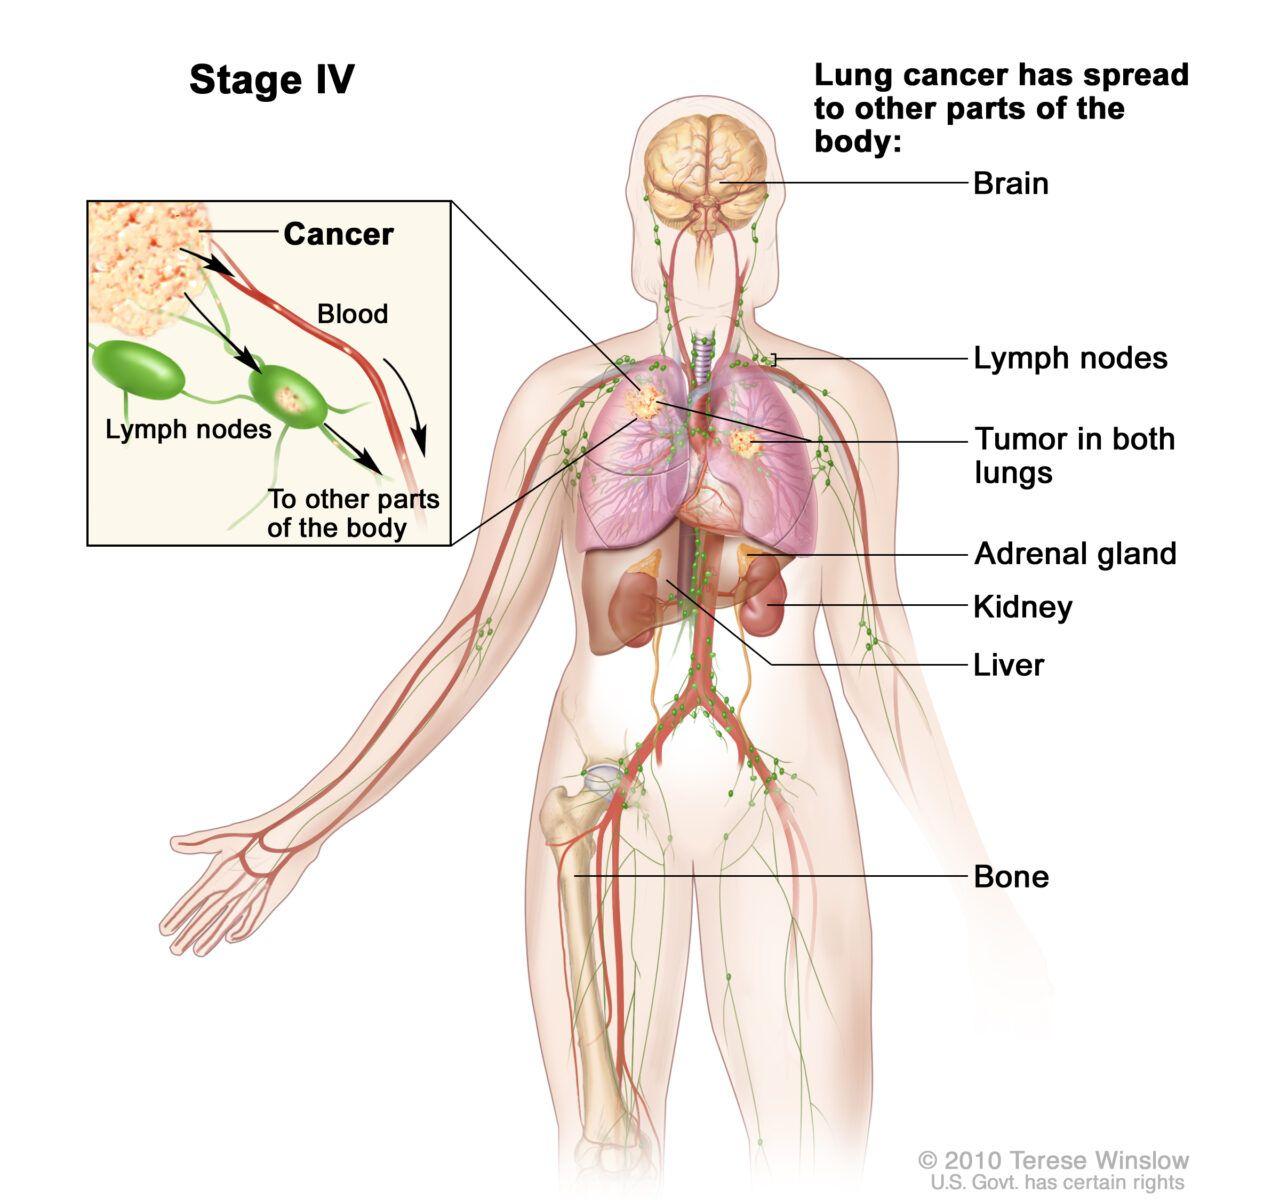 Ung thư phổi giai đoạn cuối đã di căn rộng sang hai bên phổi và các cơ quan ở xa như xương, não, tuyến thượng thận…